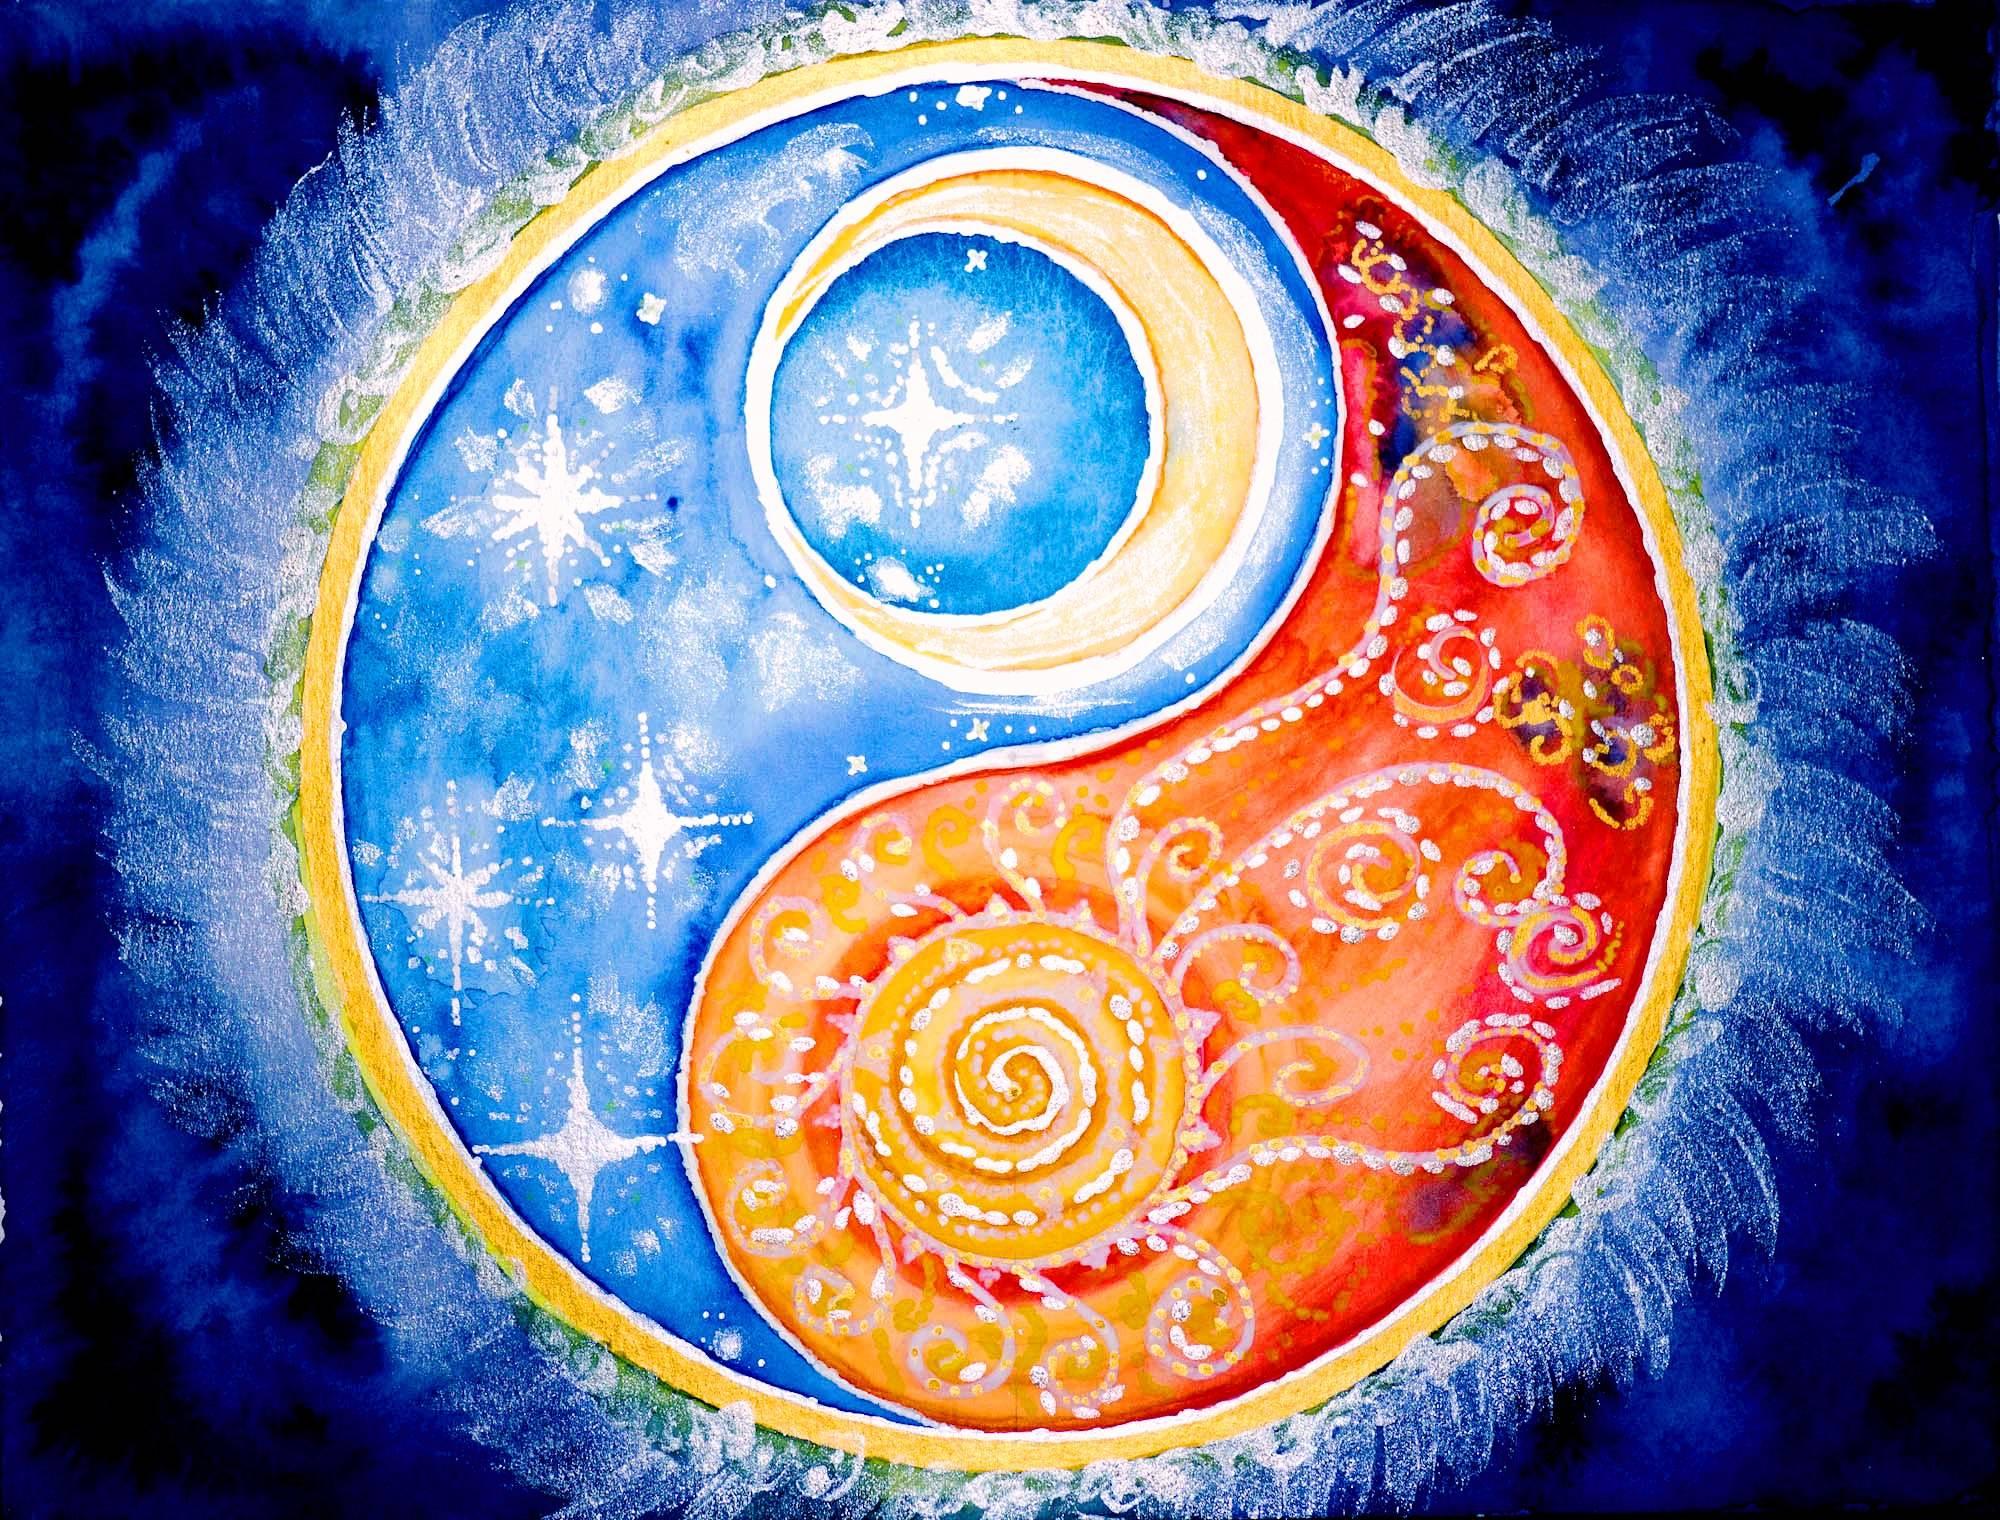 Мантры радости и счастья для общения с миром | магия любви